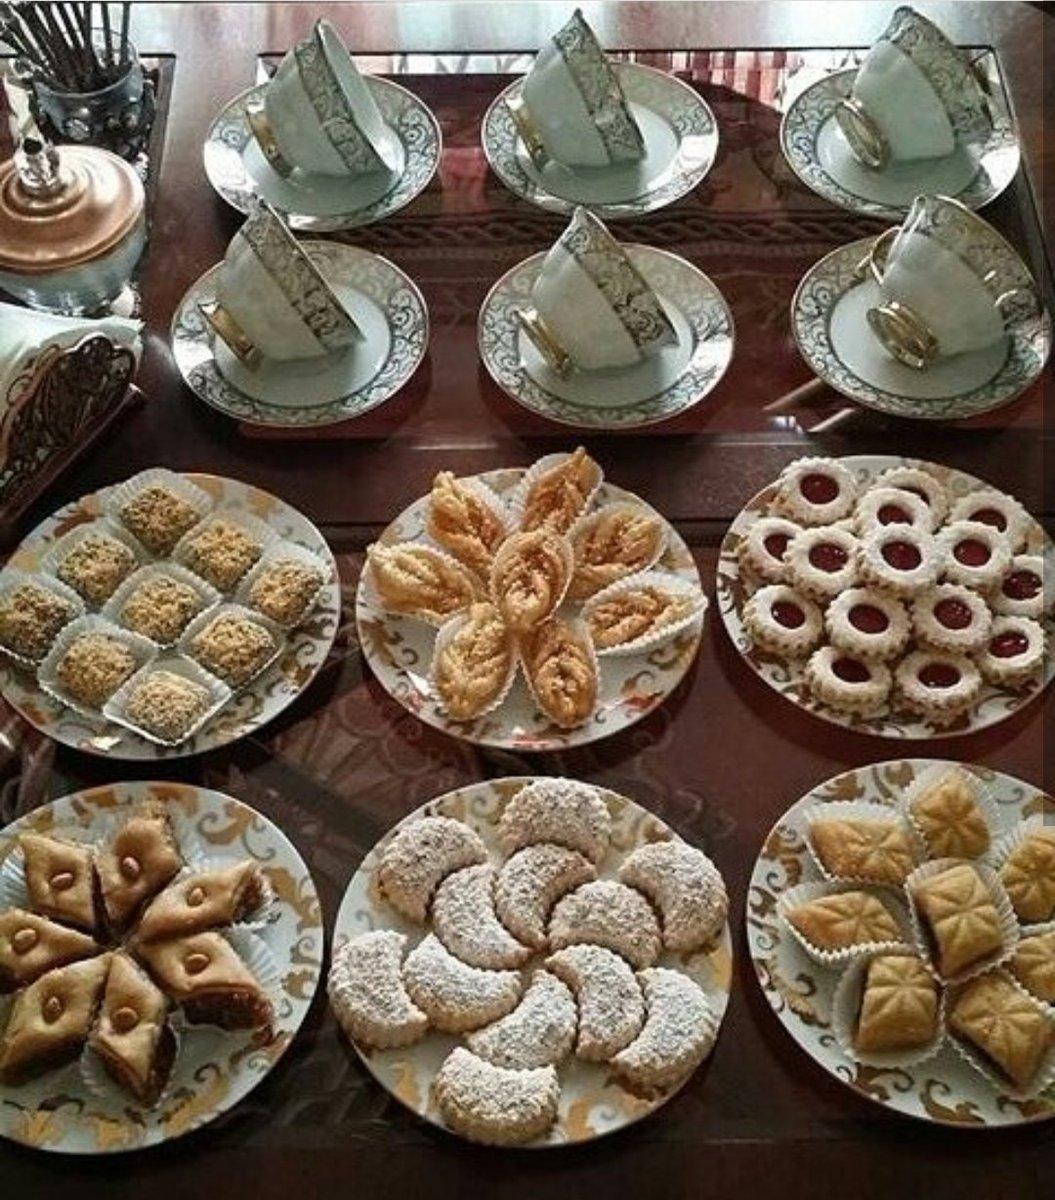 صورة حلويات جزائرية بالصور سهلة التحضير , اجمل الحلويات الجزائرية 3368 4